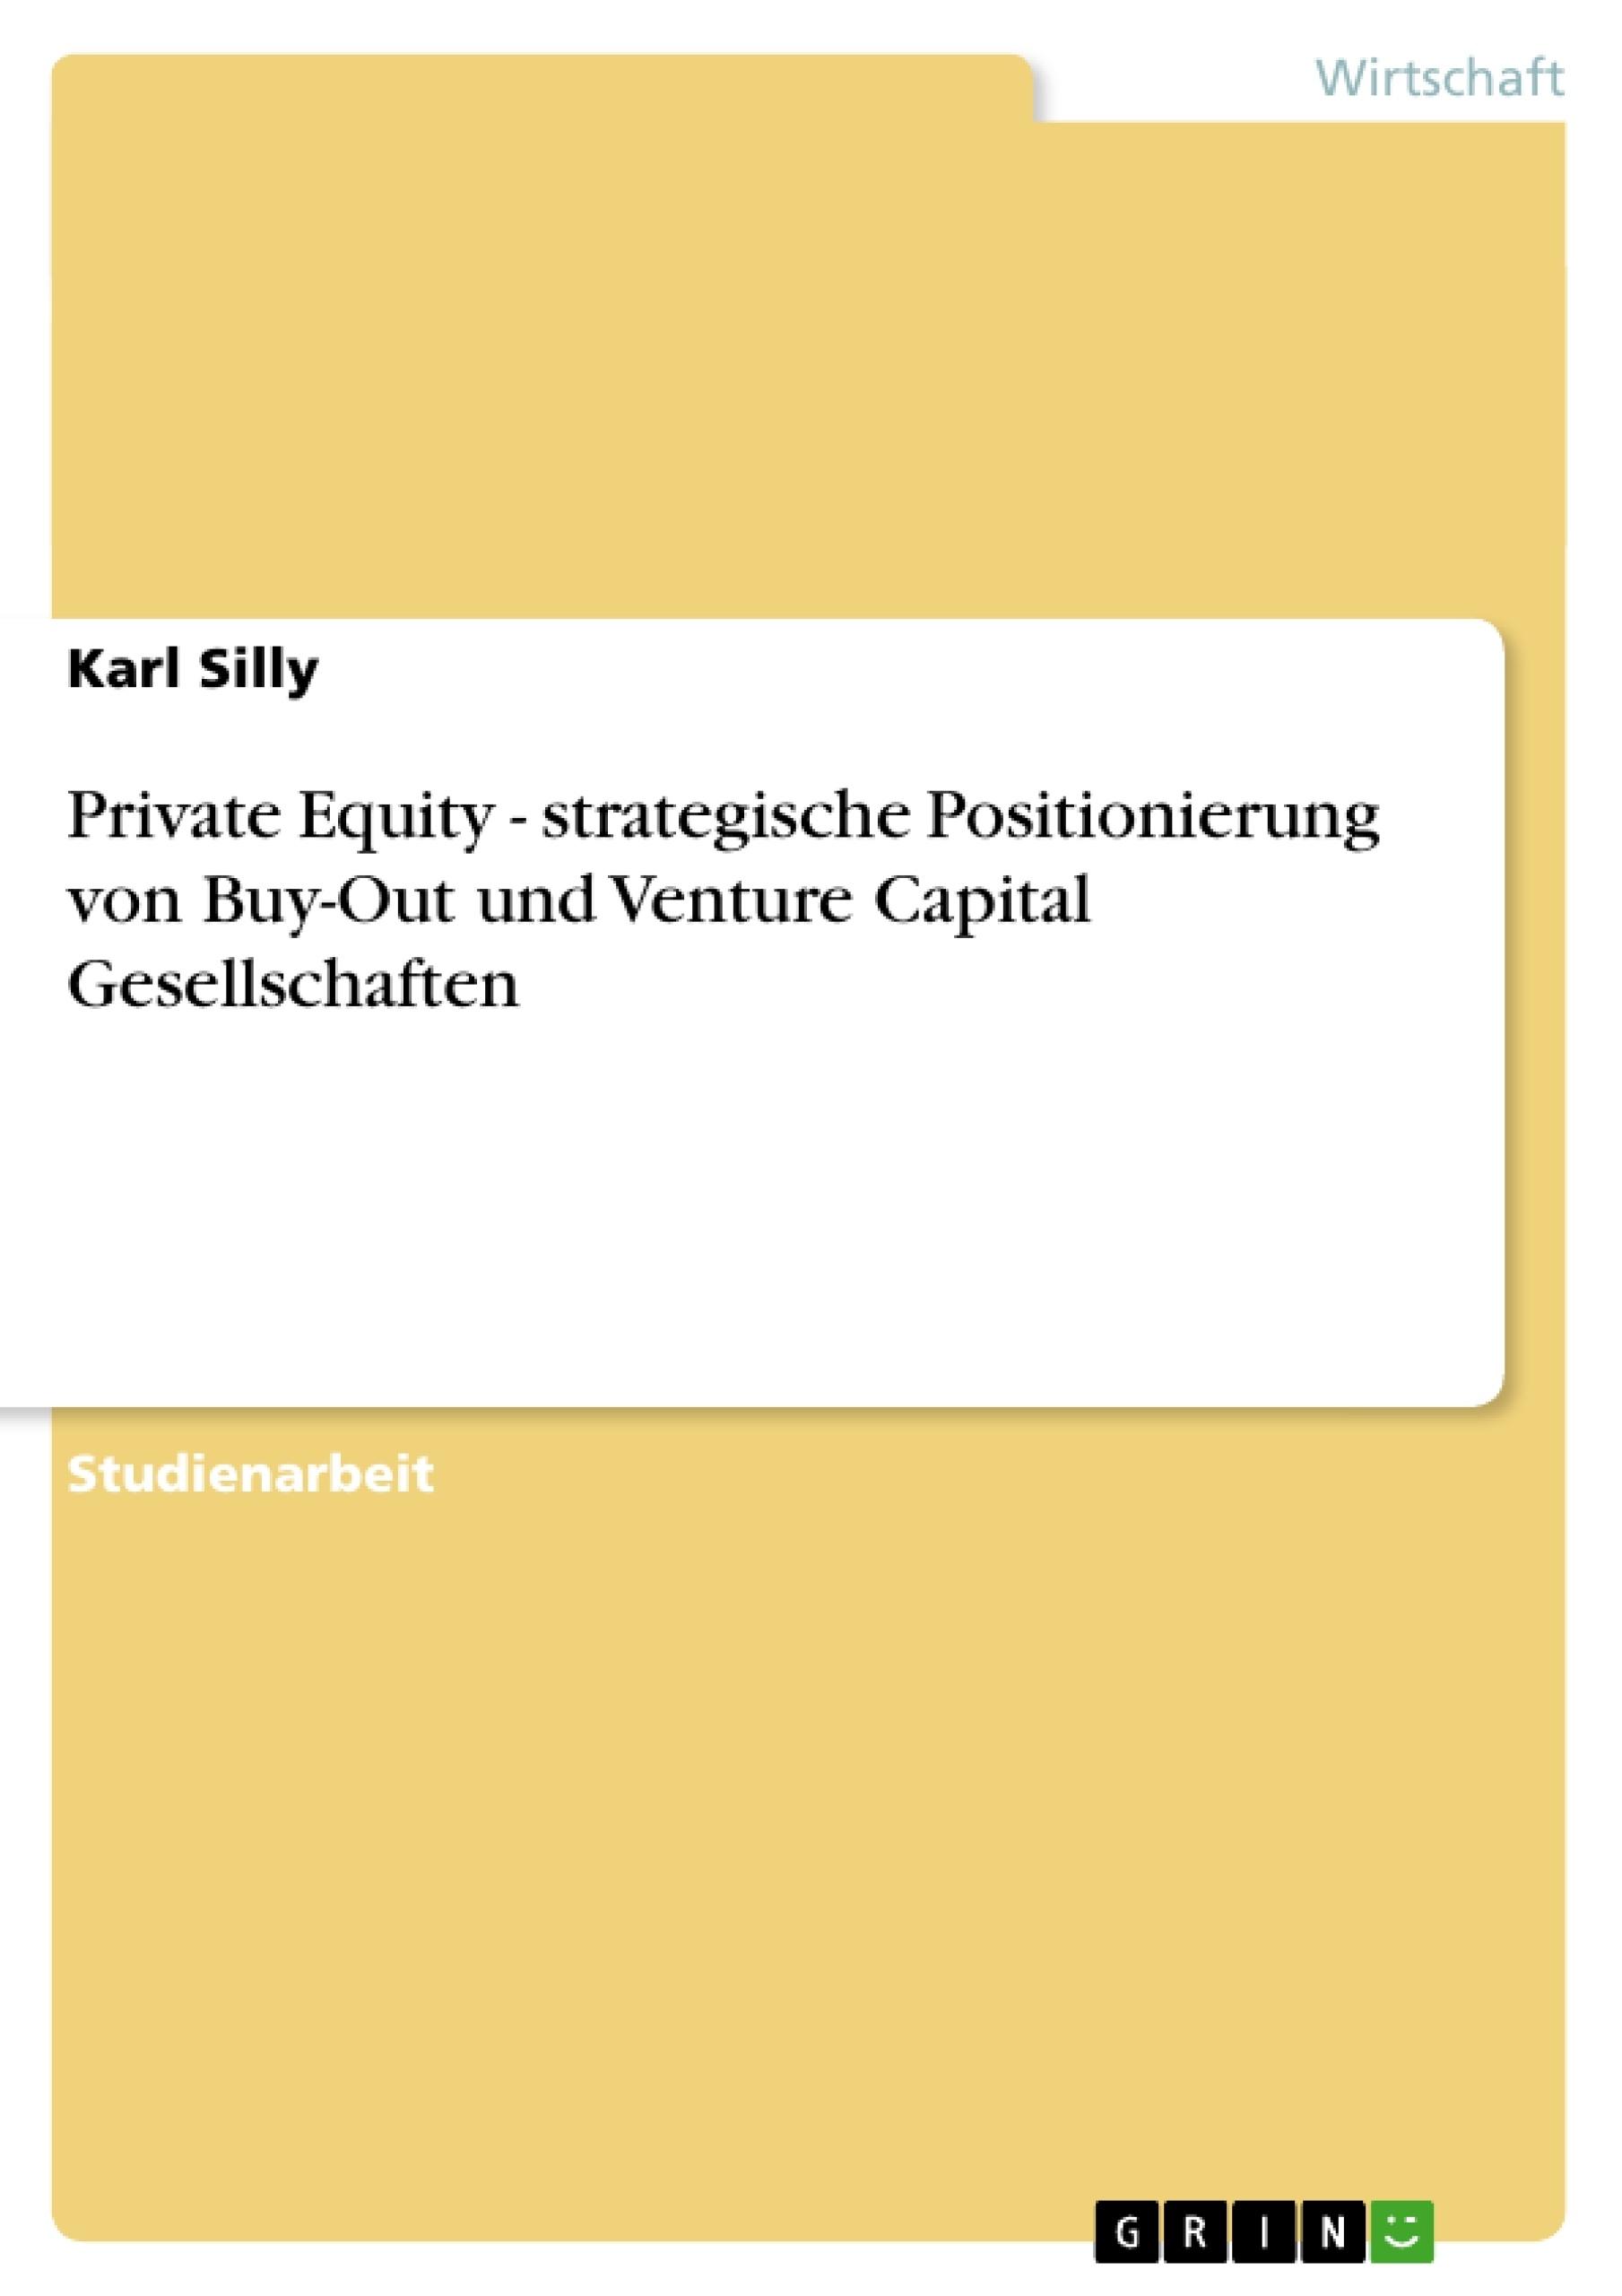 Titel: Private Equity - strategische Positionierung von Buy-Out und Venture Capital Gesellschaften